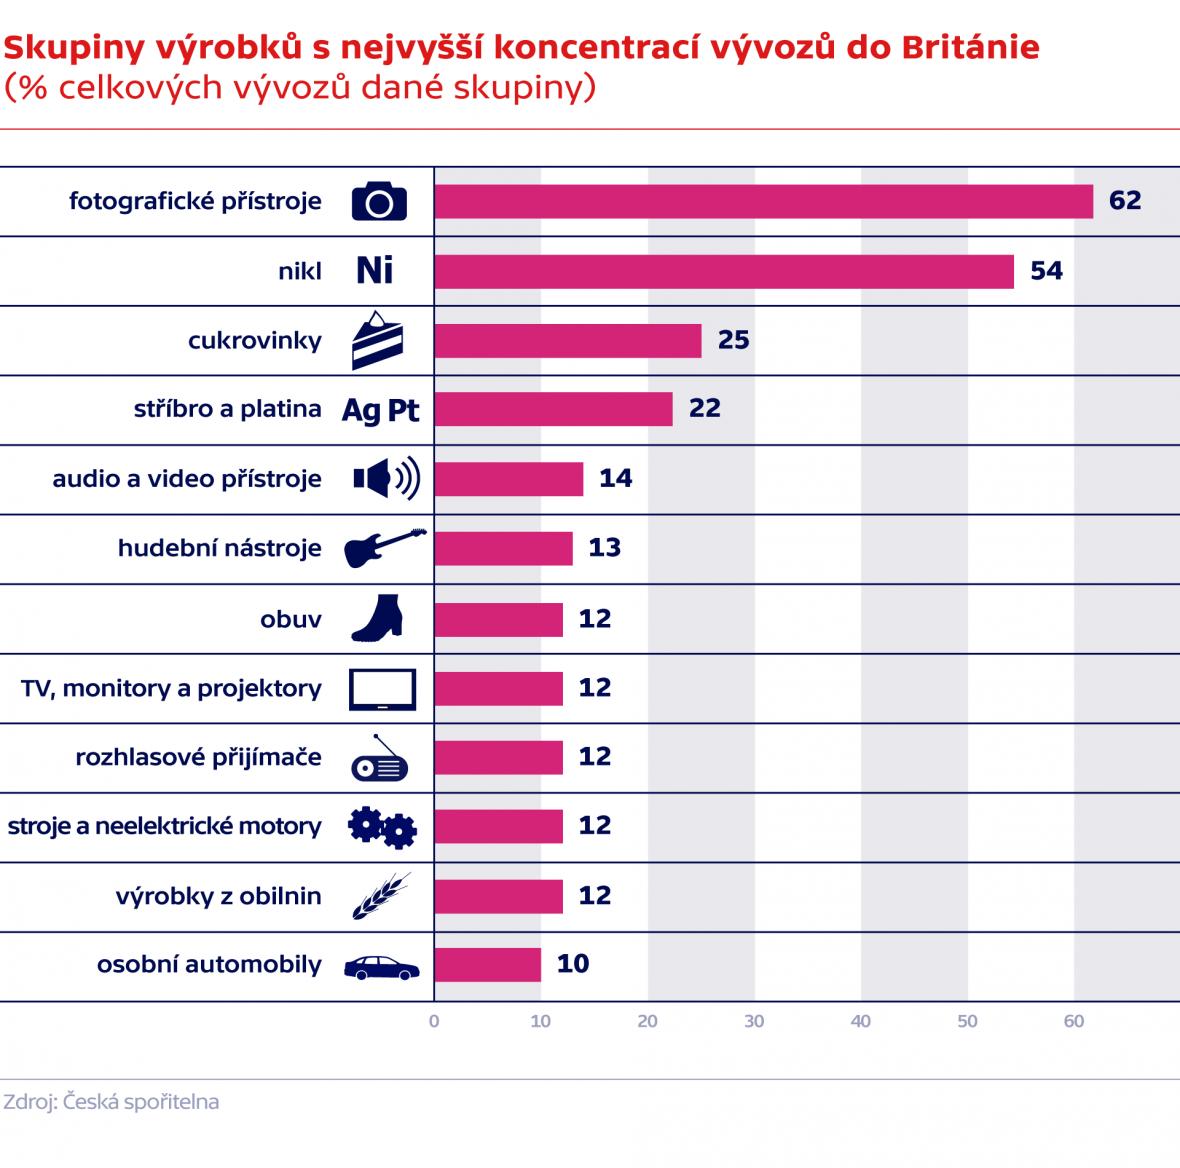 Skupiny výrobků s nejvyšší koncentrací vývozů do UK (% celkových vývozů dané skupiny)